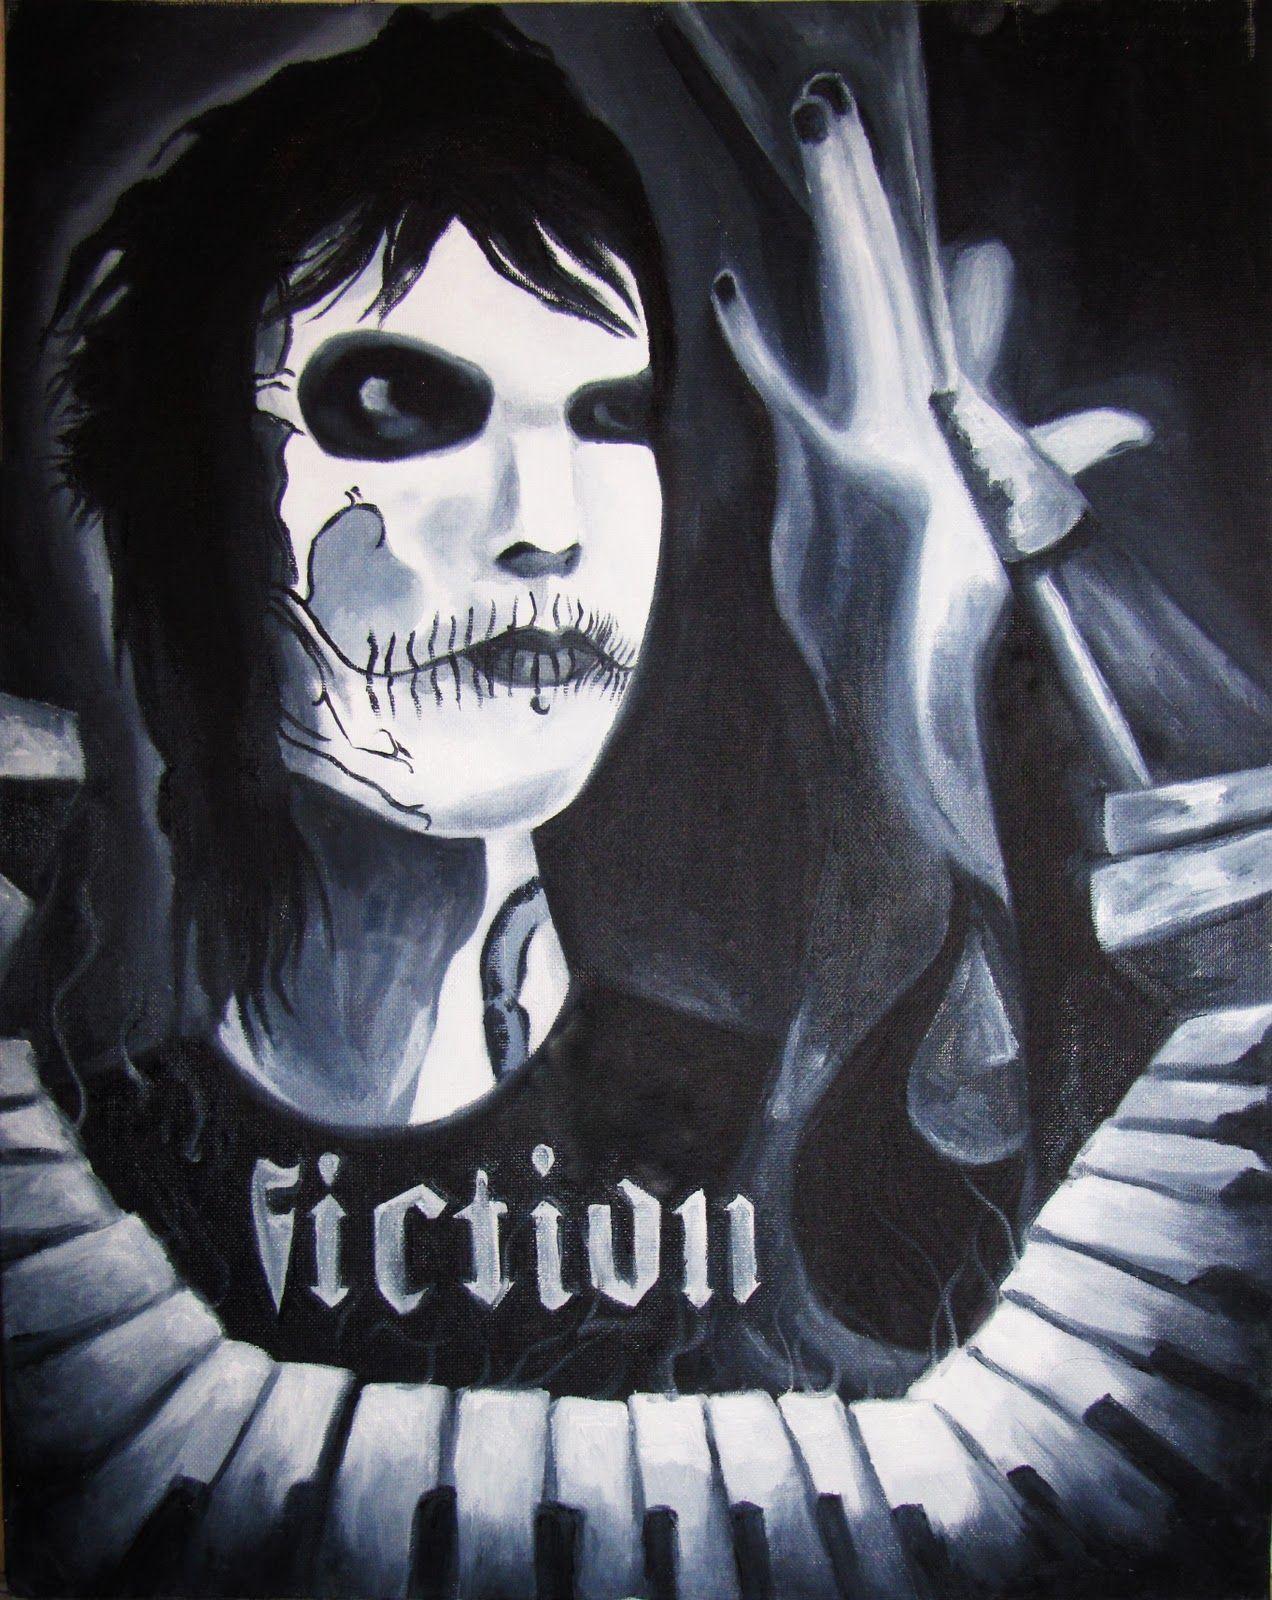 The Rev Of Avenged Sevenfold Fiction Music Avenged Sevenfold